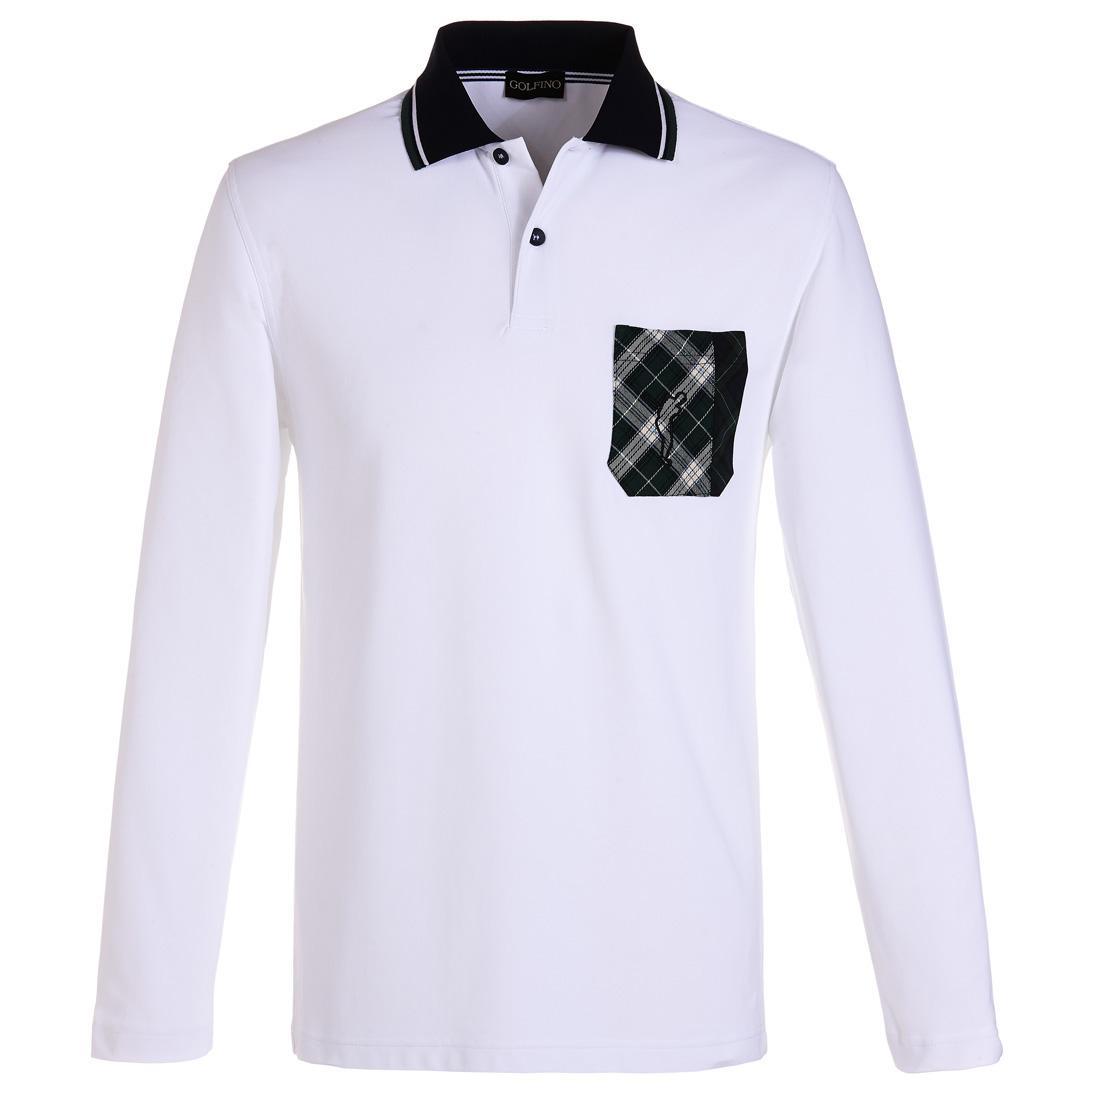 Extra Dry Poloshirt mit karierter Tasche Weiß